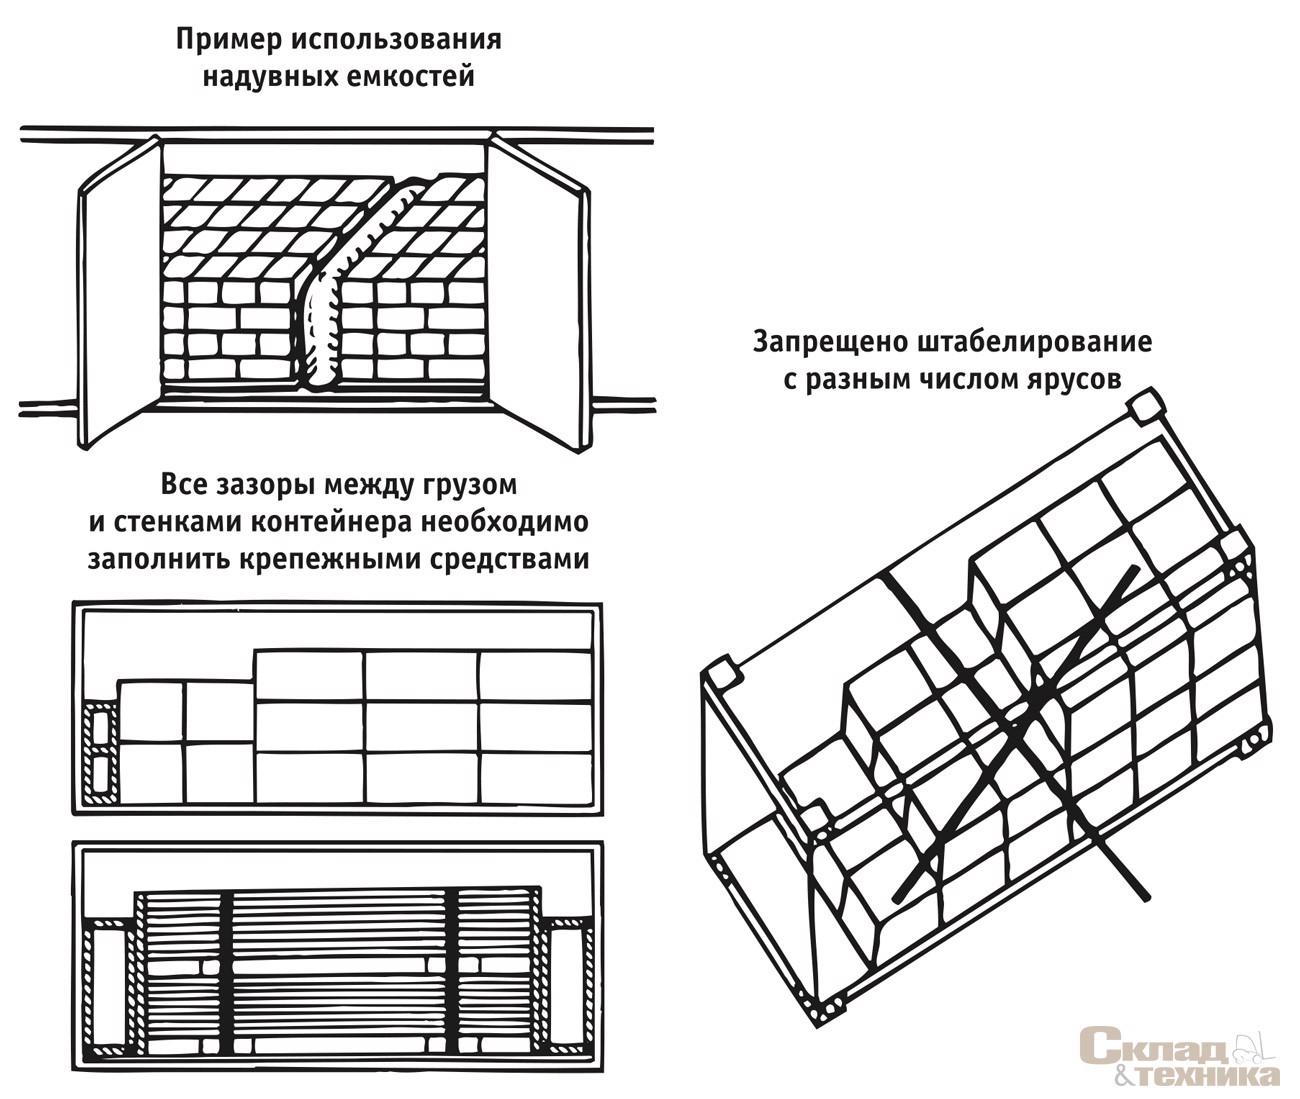 Схемы размещения груза в контейнере